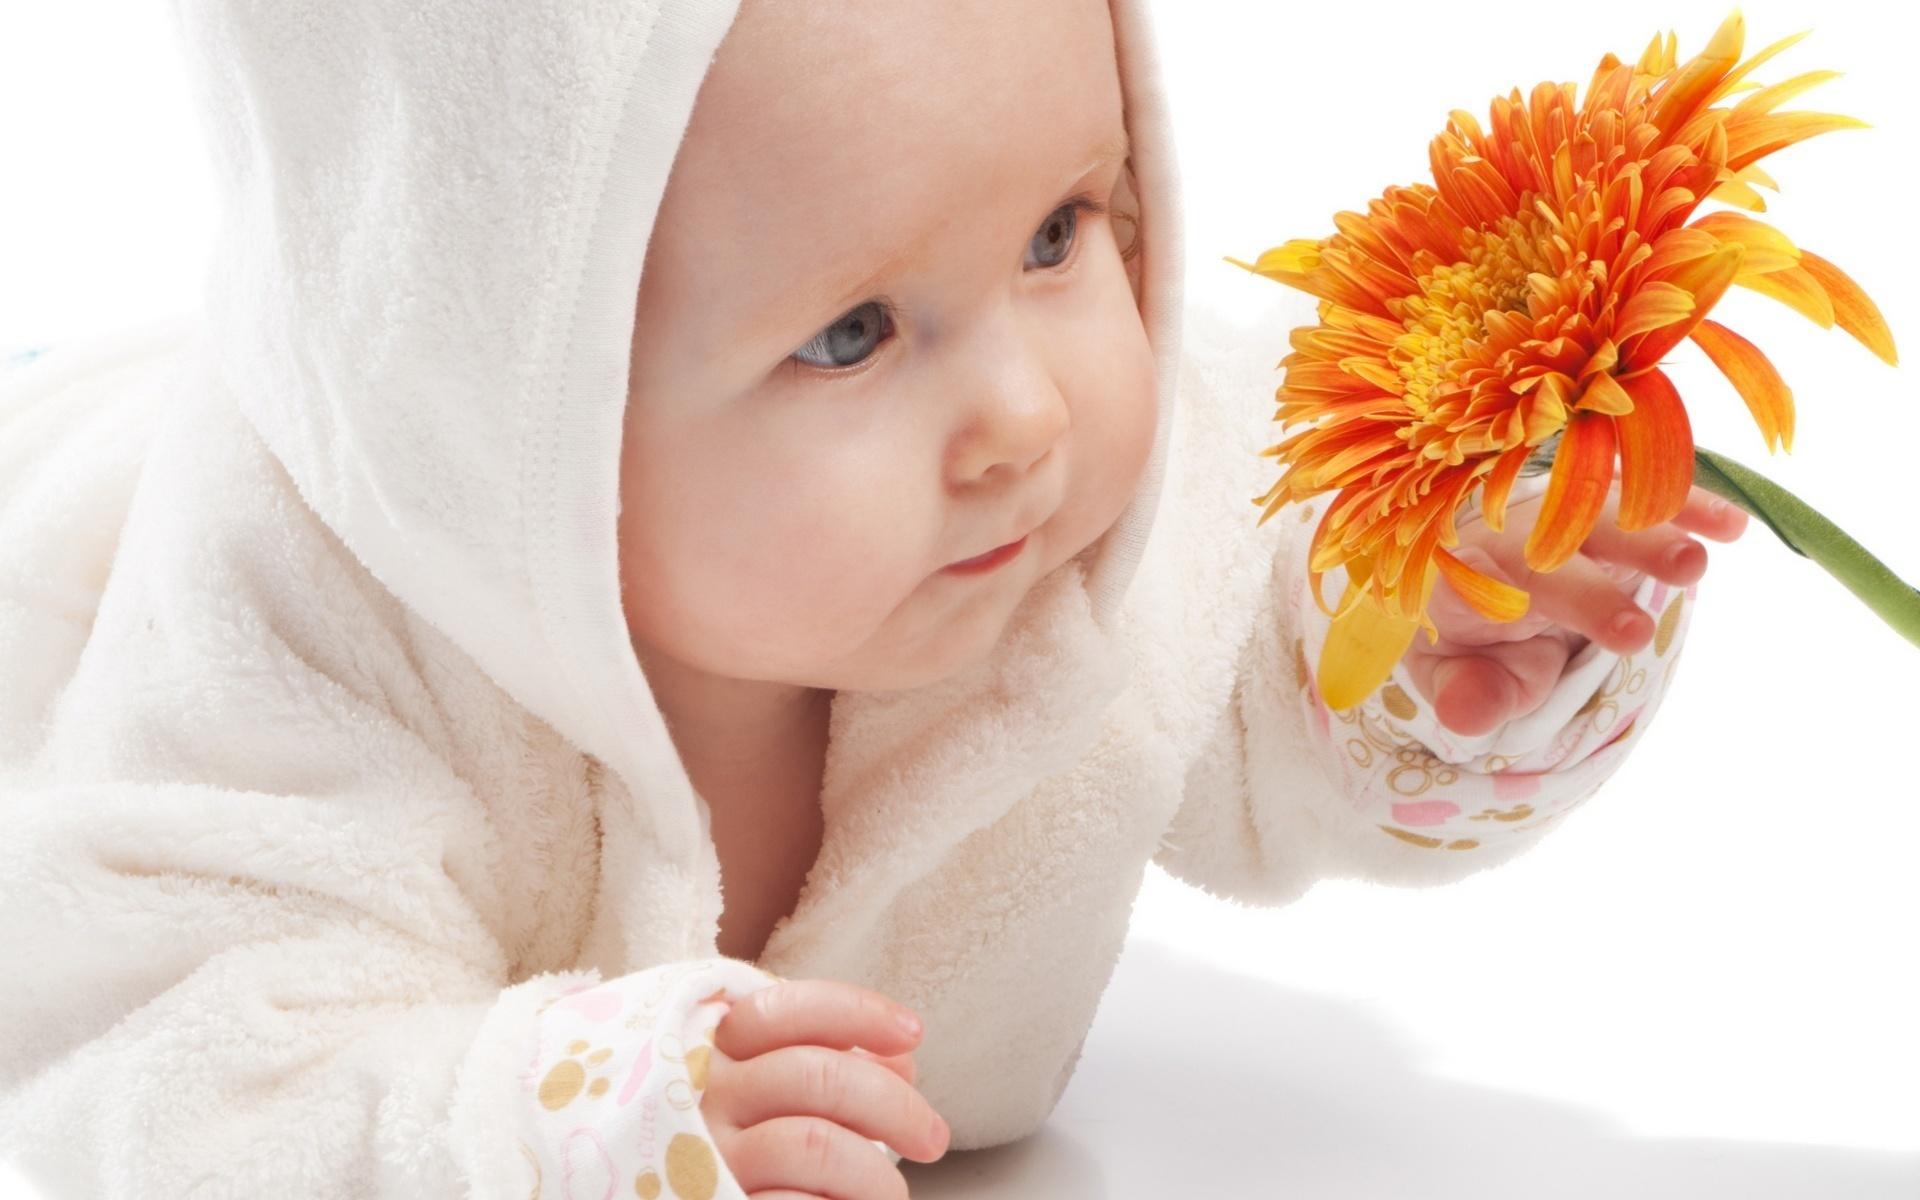 Діти квіти життя малюк діти фото